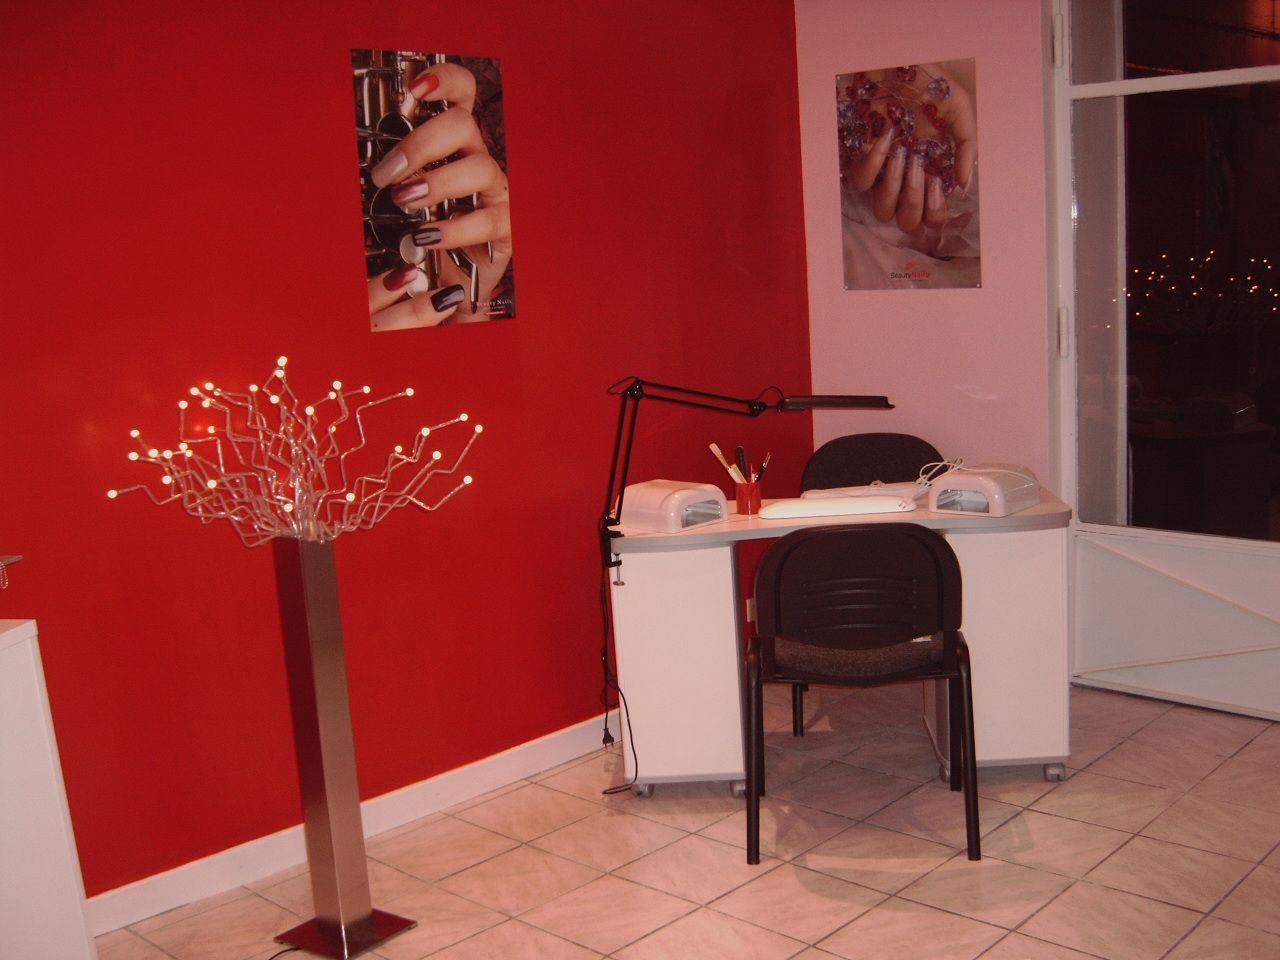 photo de mon institut de beaut et des poses d 39 ongles bonne visite a tous et laissez vos. Black Bedroom Furniture Sets. Home Design Ideas